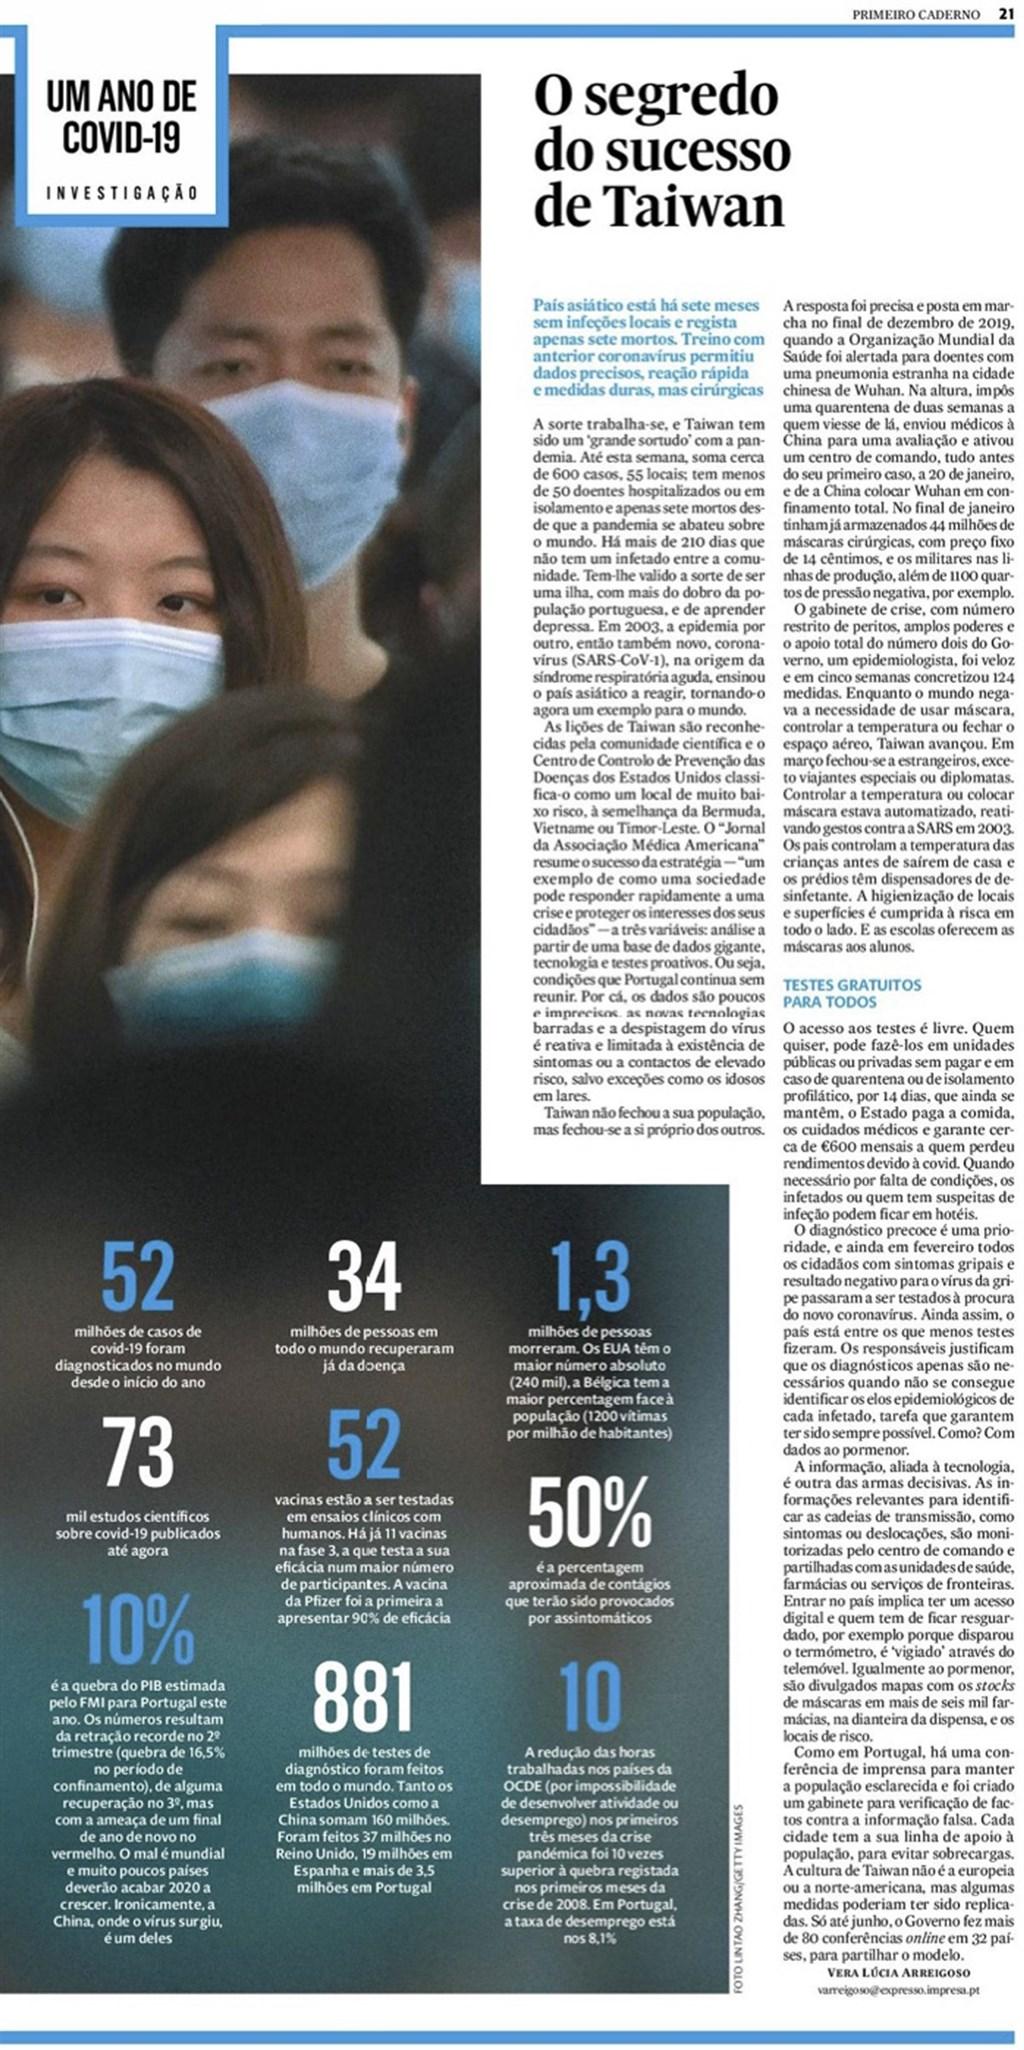 葡萄牙重要媒體「快報」在世界衛生大會13日落幕前夕,以「台灣成功的秘密」為題,再度分析台灣防疫模式如何成為全球典範。(駐葡萄牙代表處提供)中央社記者曾婷瑄巴黎傳真 109年11月14日